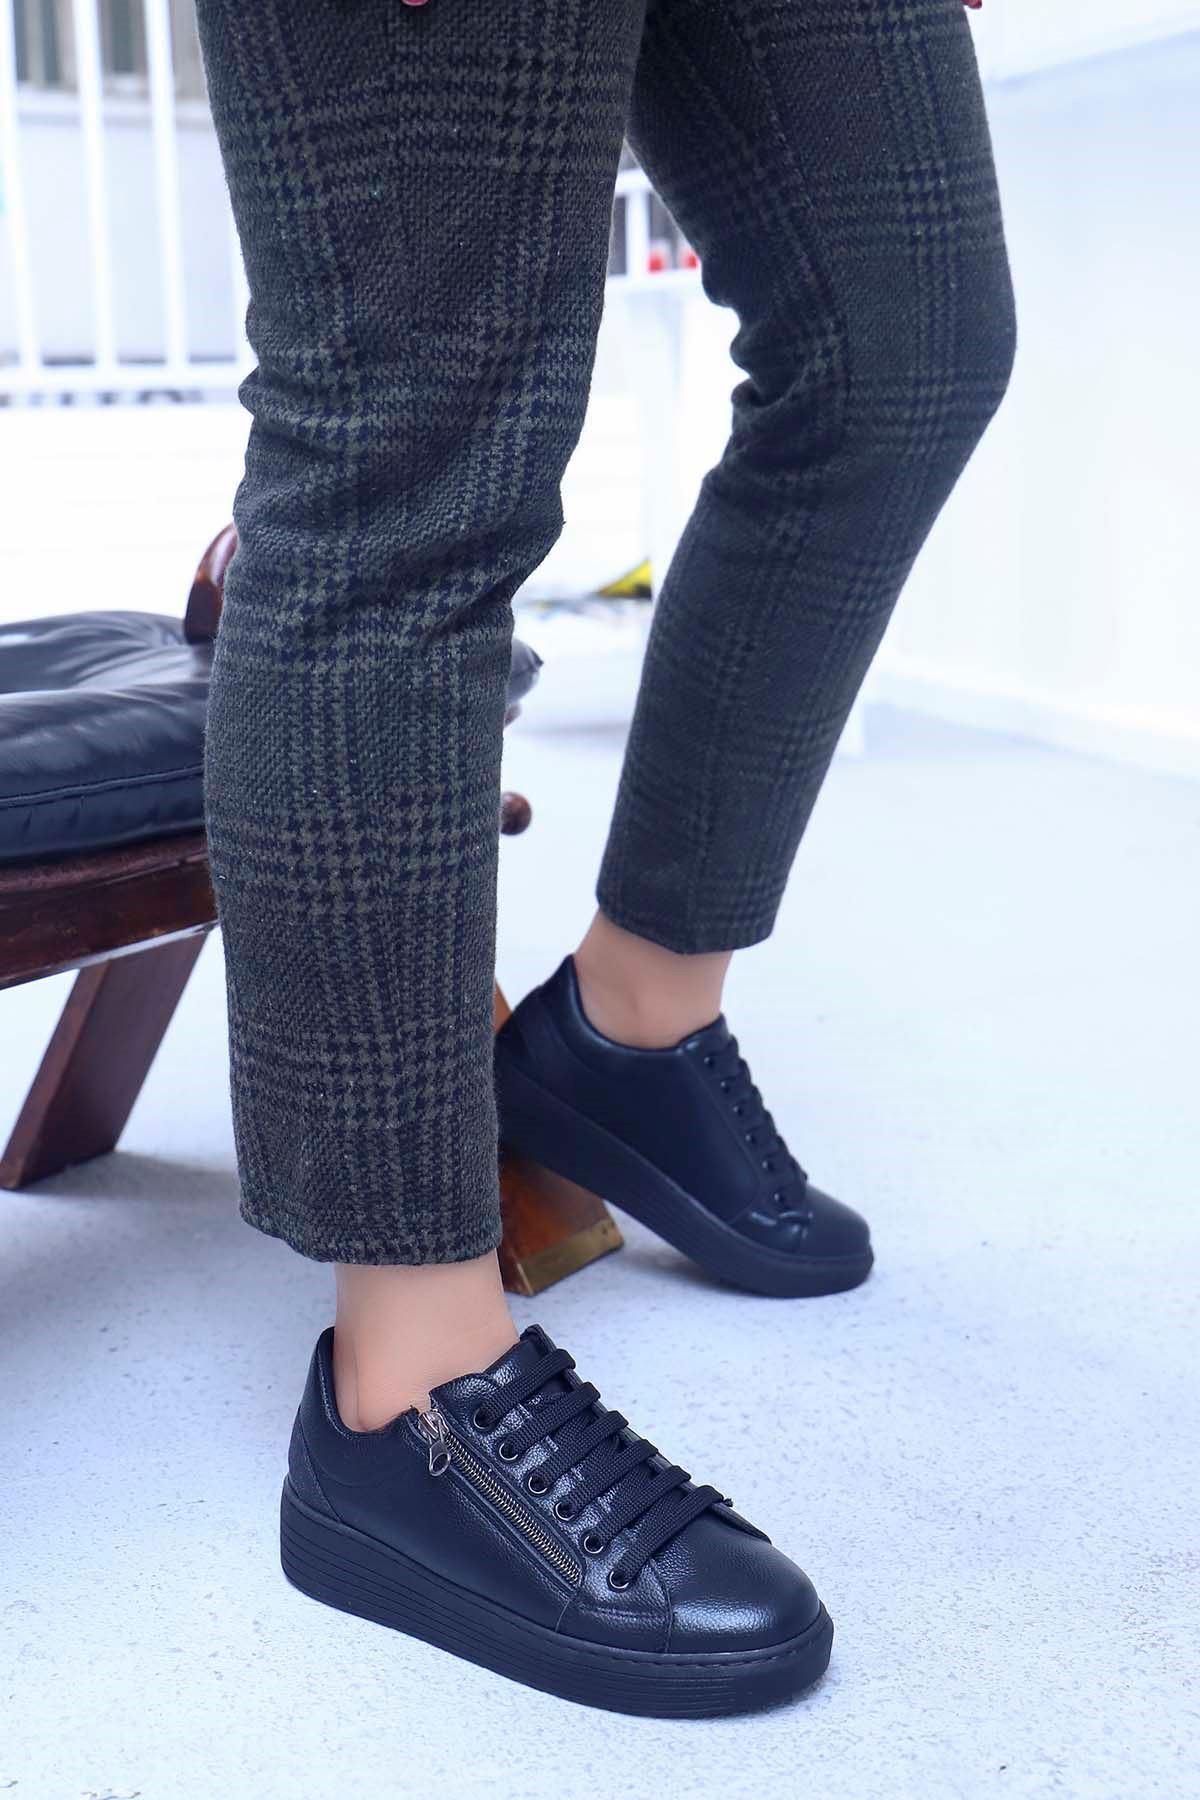 mami-4110 Spor Ayakkabı Fermuar Detay Siyah Deri